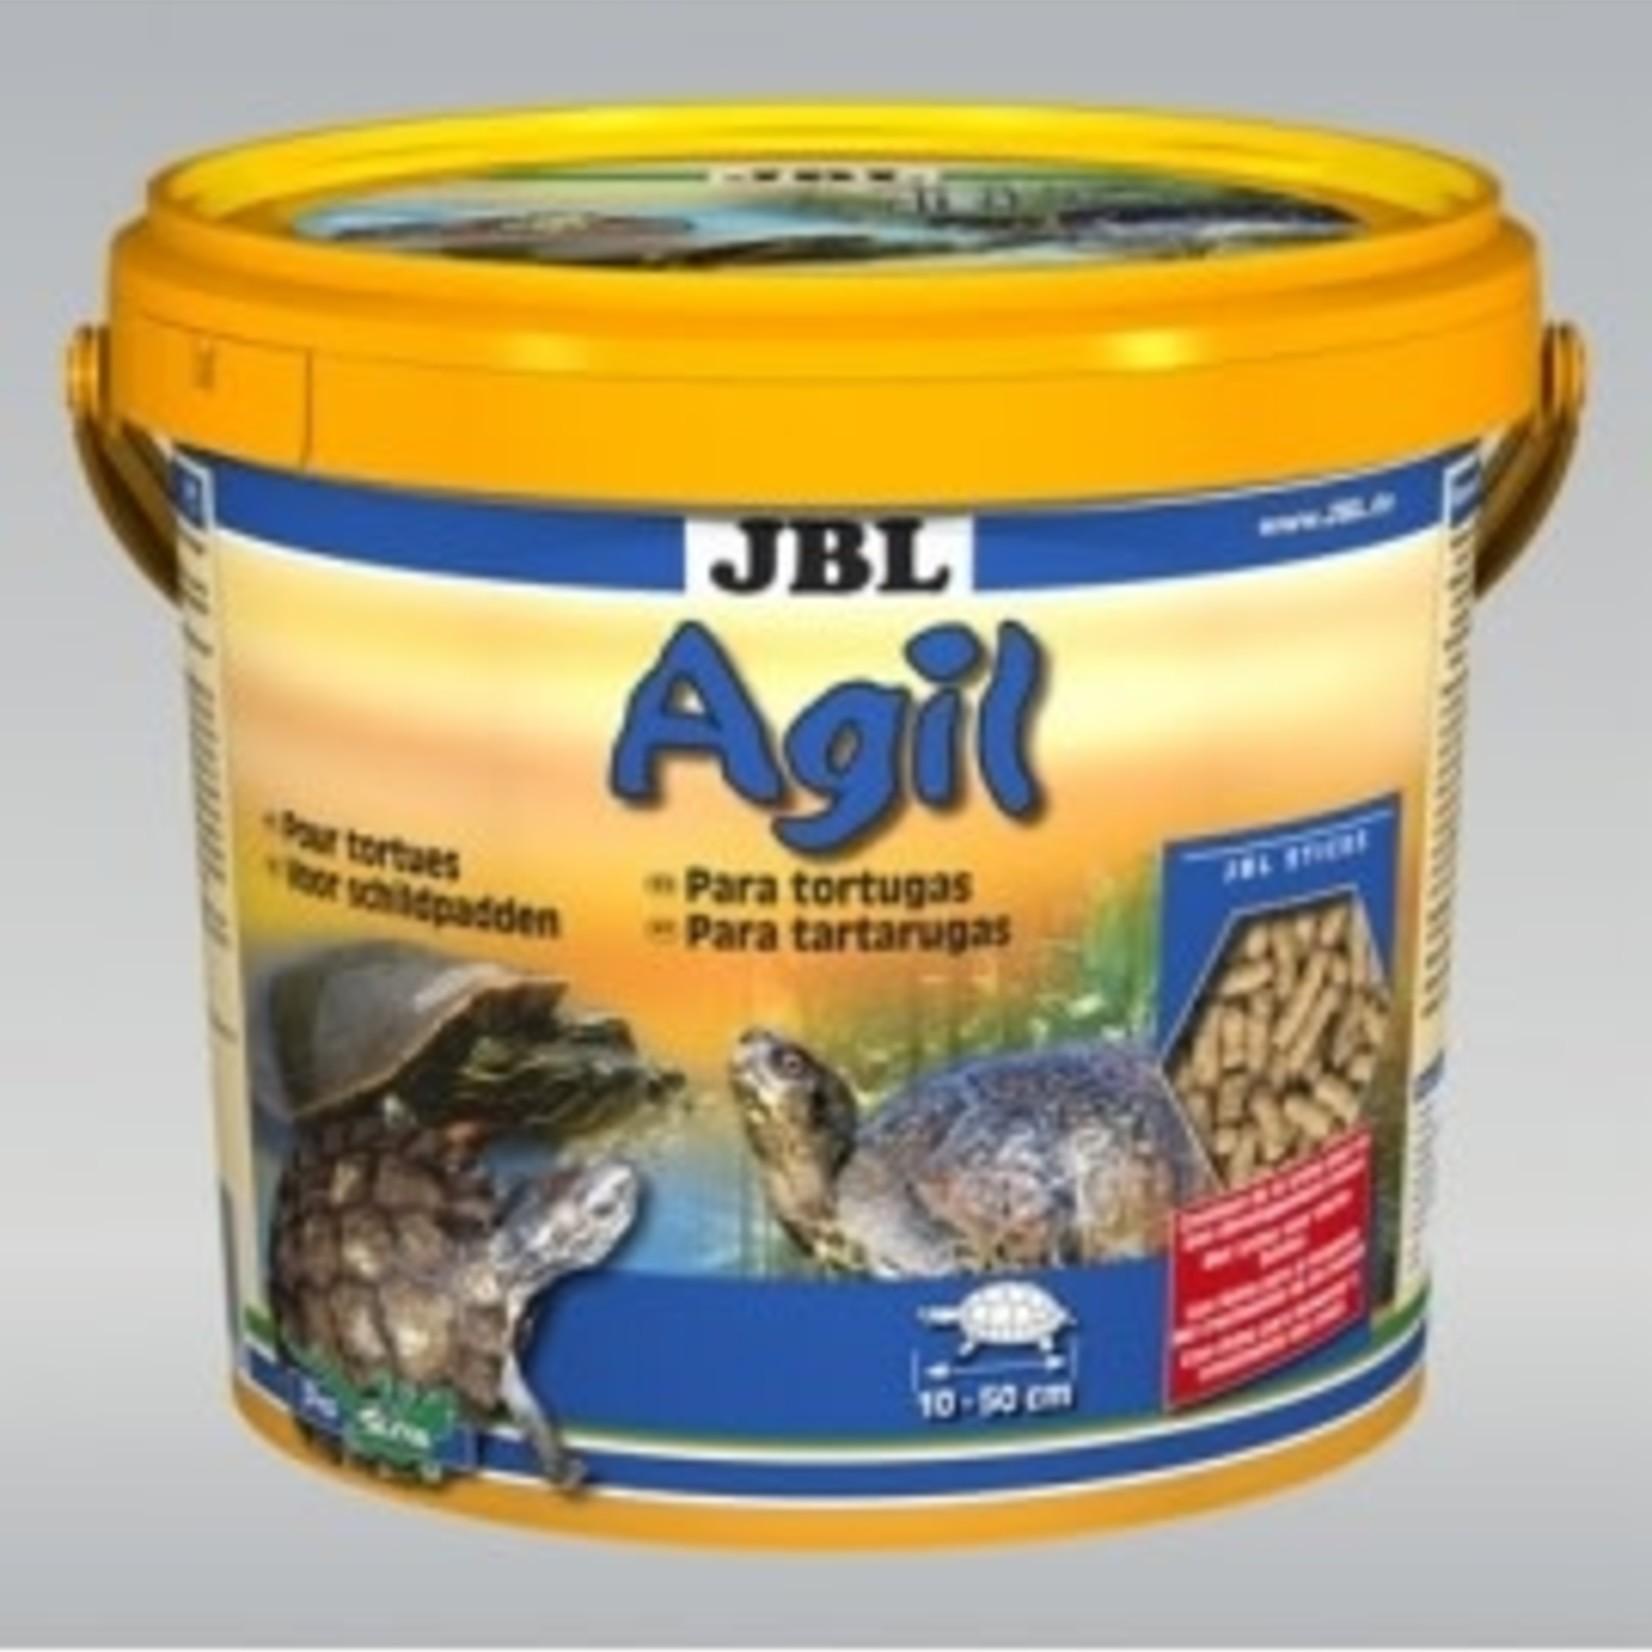 JBL AGIL turtle